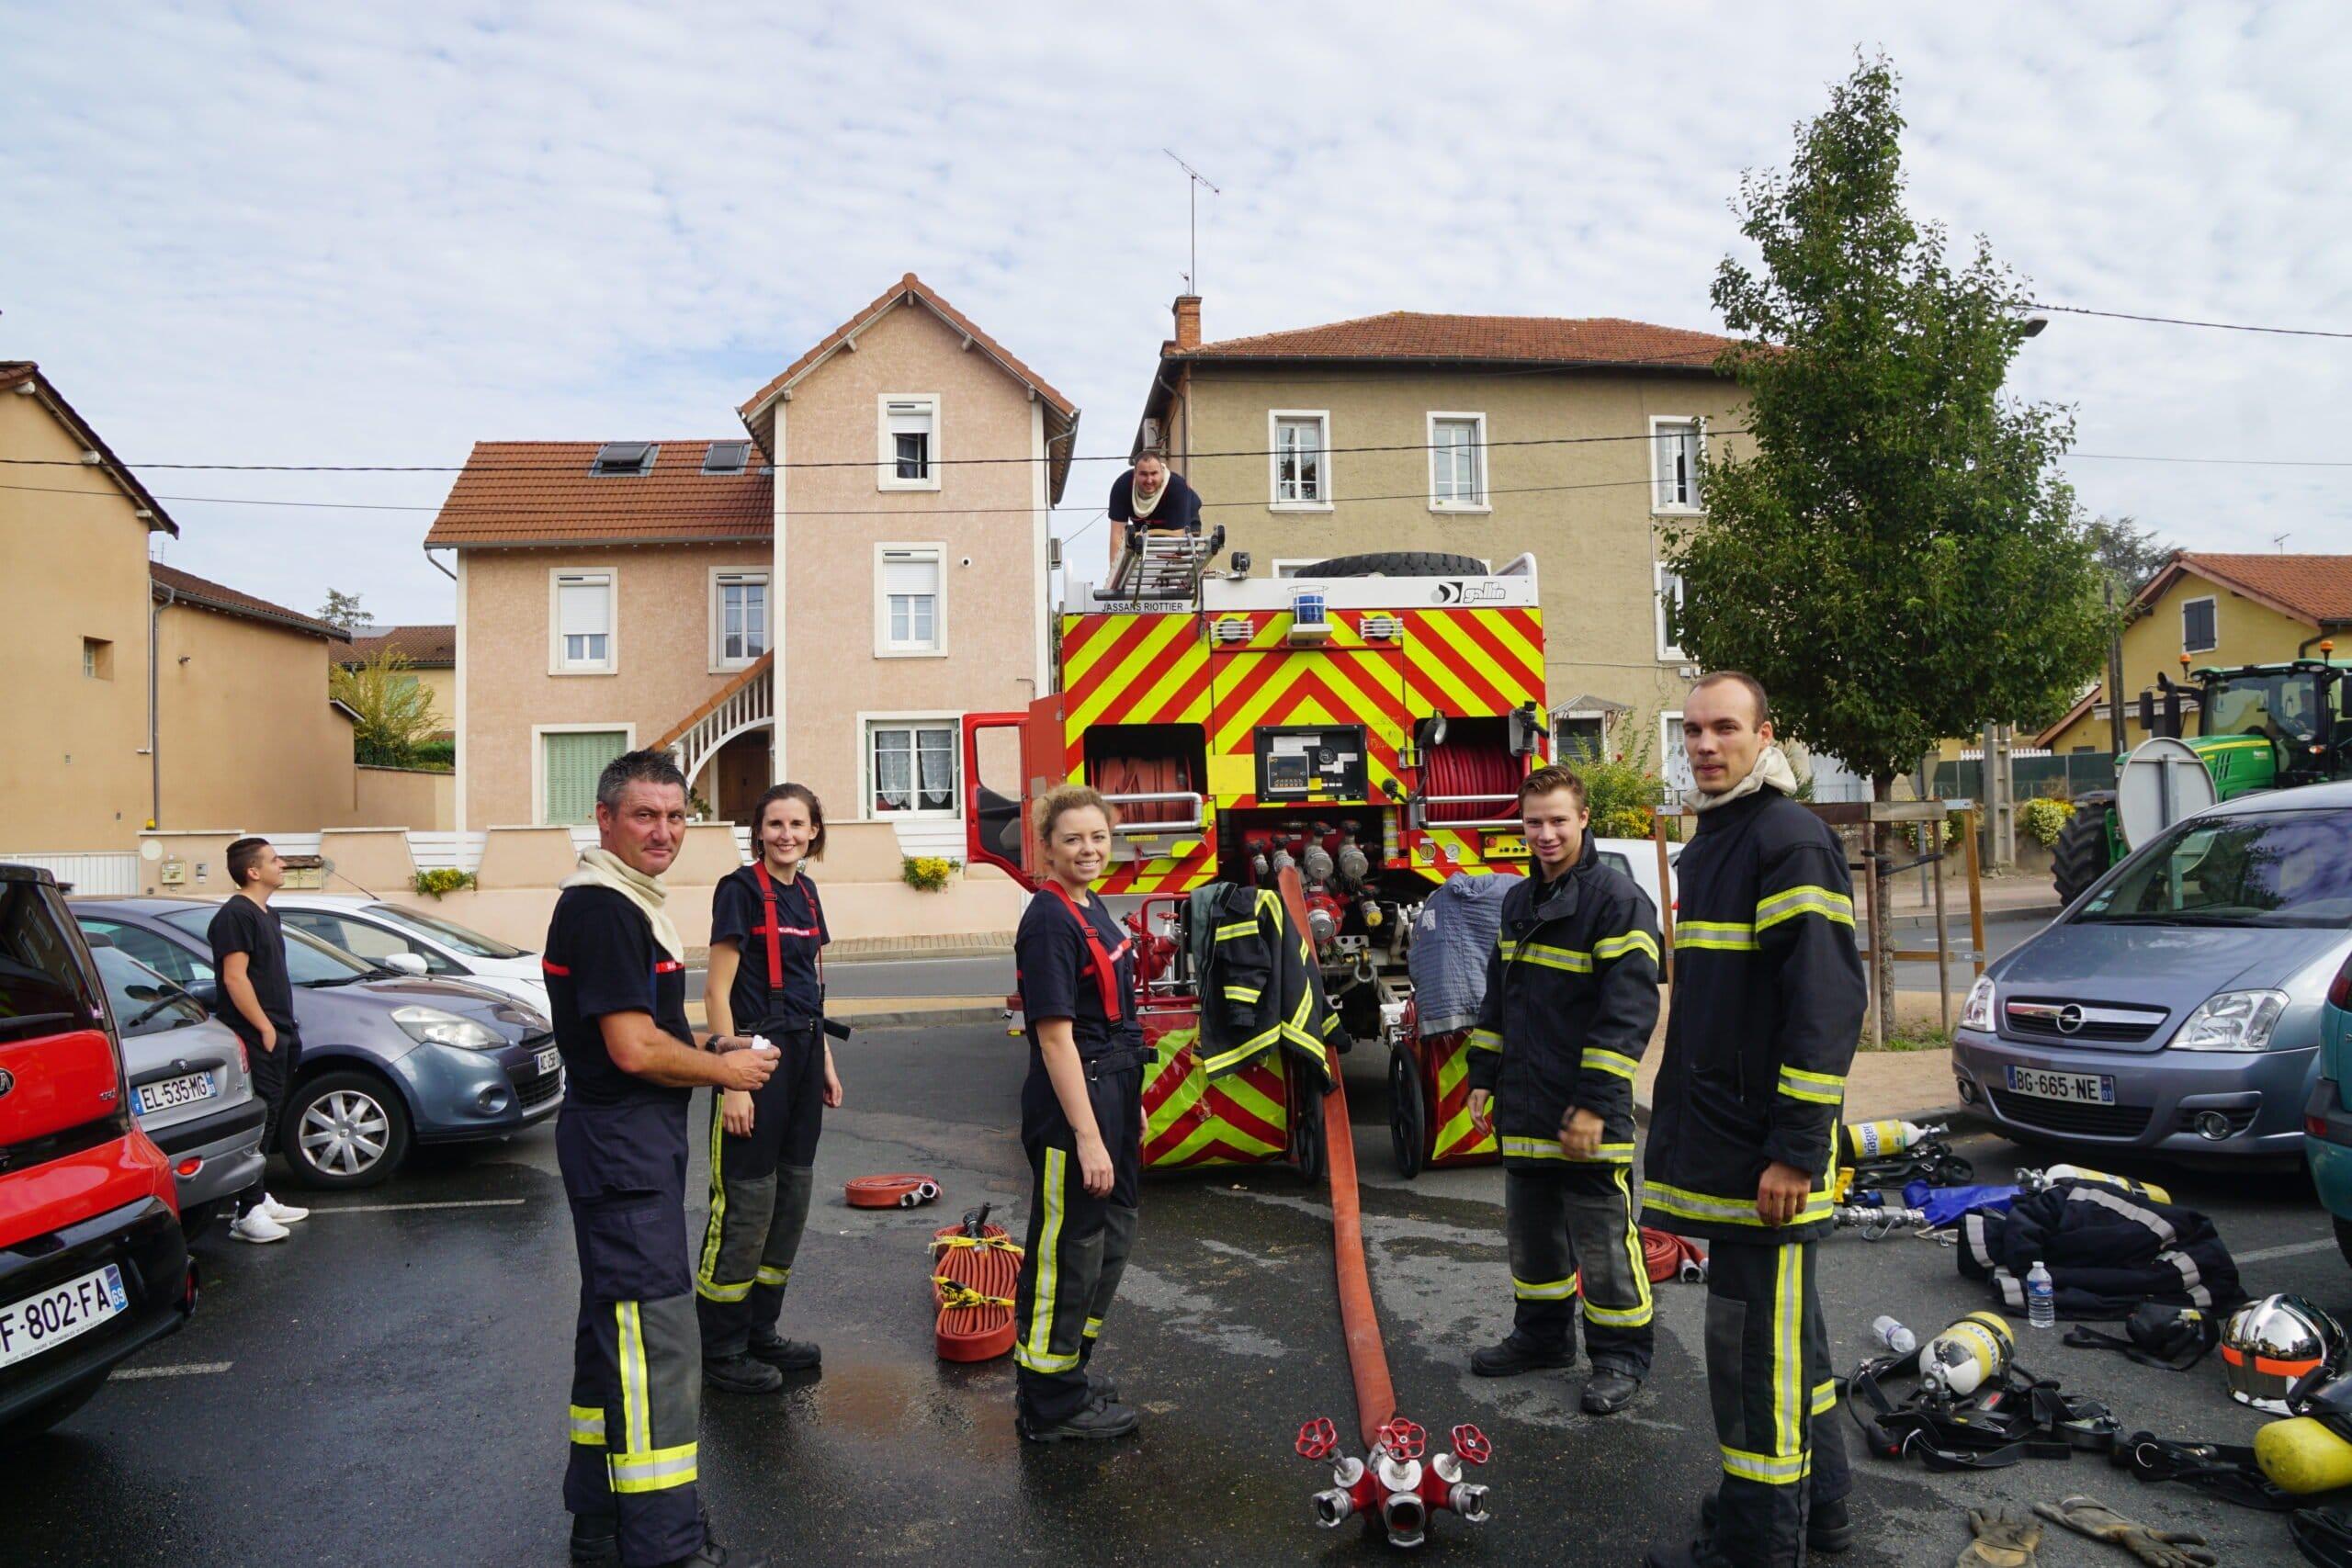 pompiers manoeuvre en centre ville